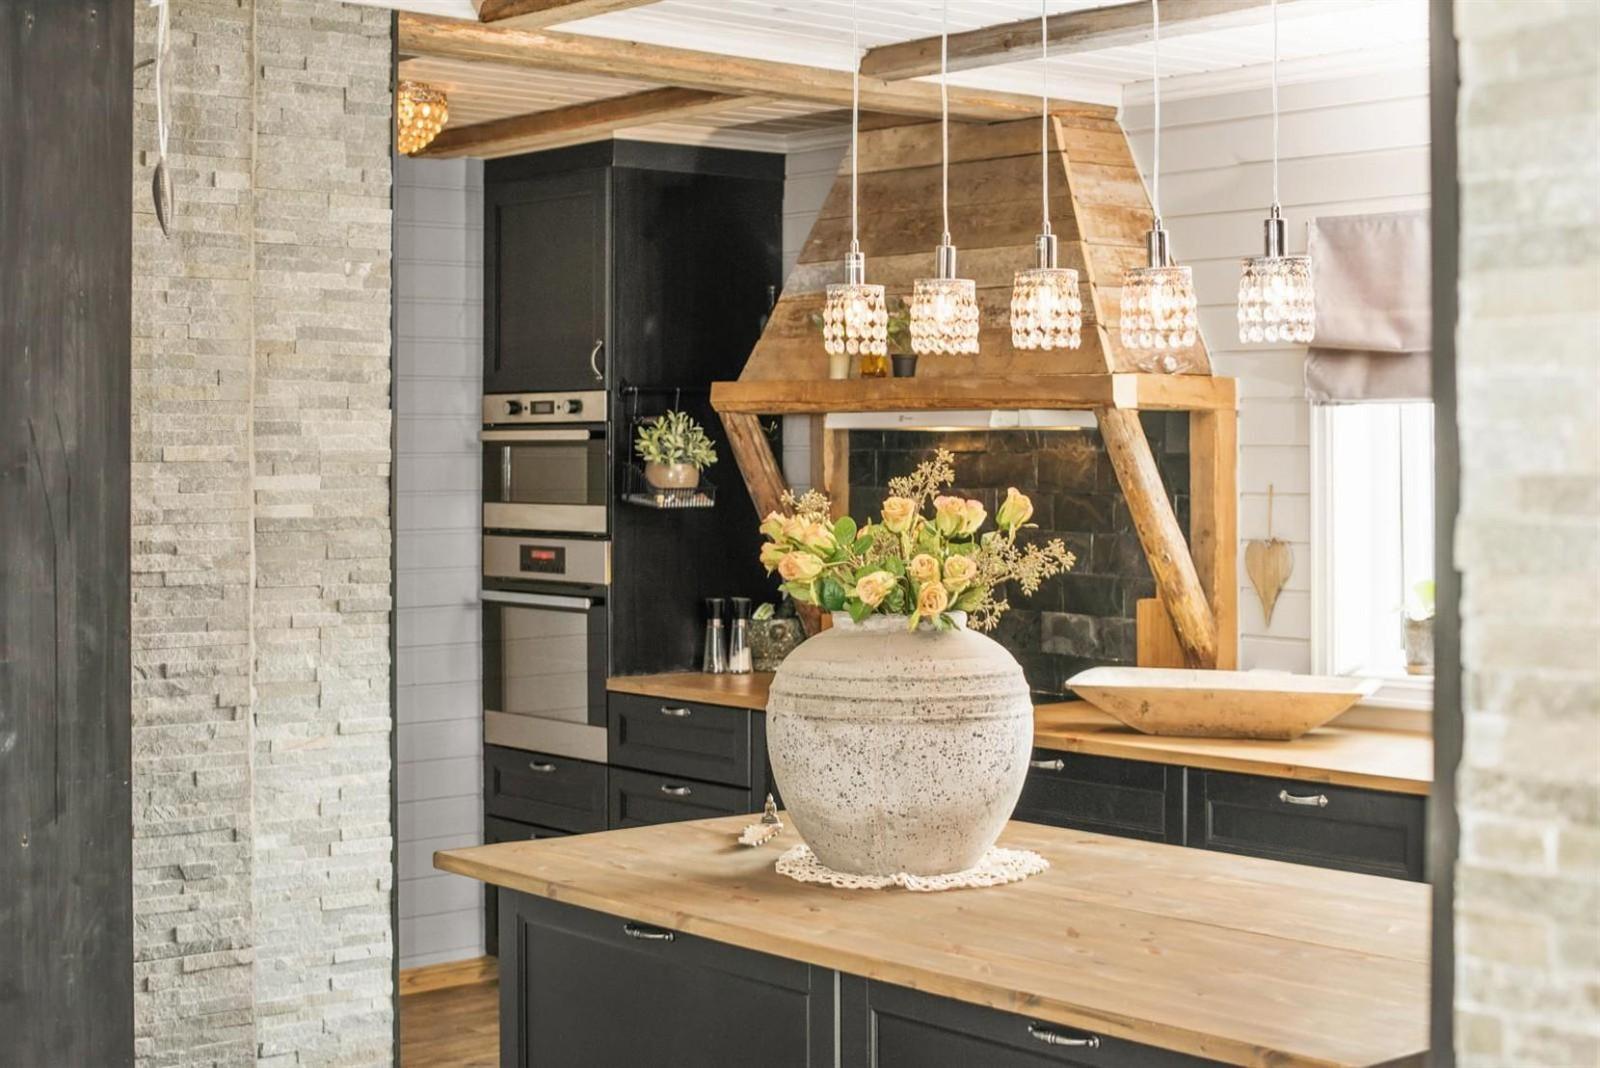 кухня столешница ваза цветы встроенная кухонная техника